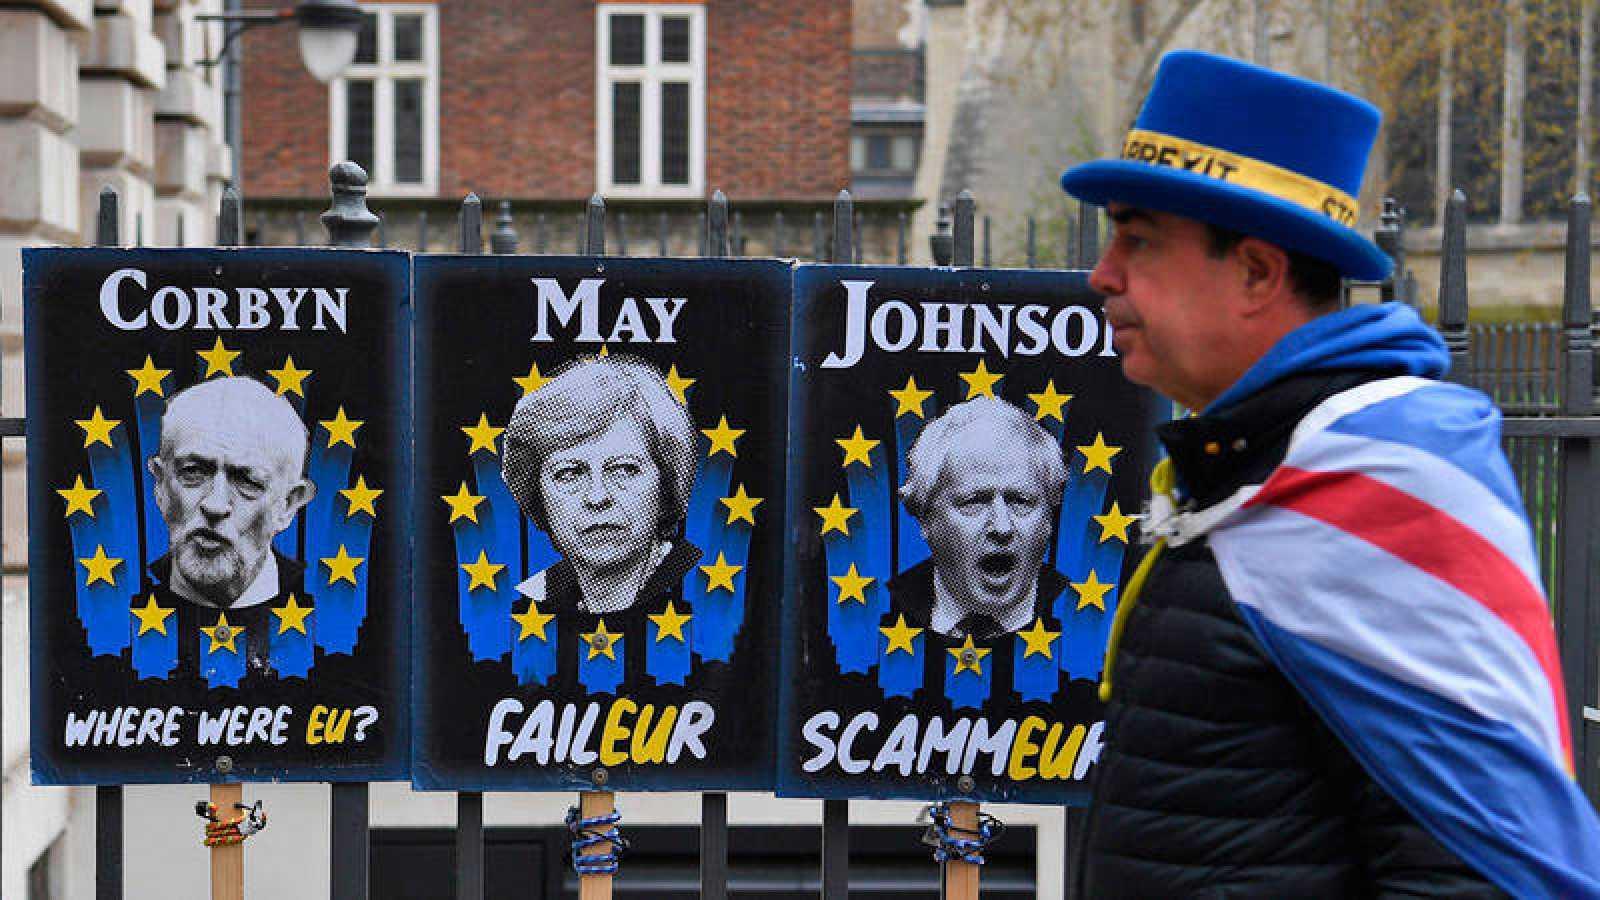 Un manifestante a favor de la estancia del Reino Unido en la Unión Europea camina junto a carteles que critican a Jeremy Corbyn, Theresa May y Boris Johnson en Londres.